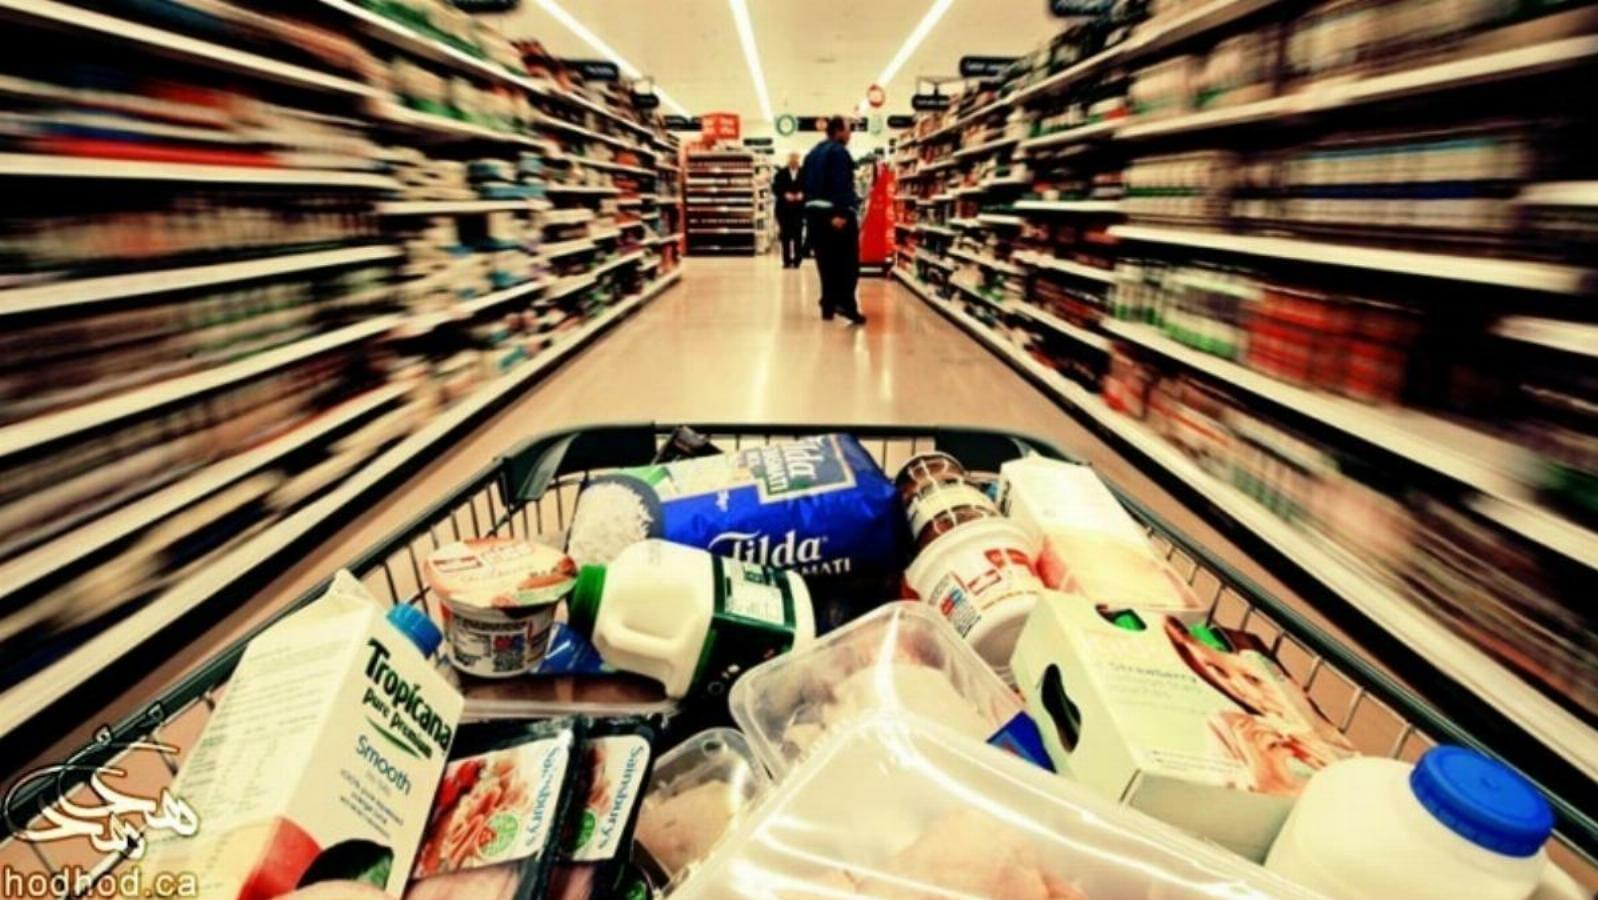 حقه های سوپر مارکتها که باعث میشوند پول بیشتری خرج کنید